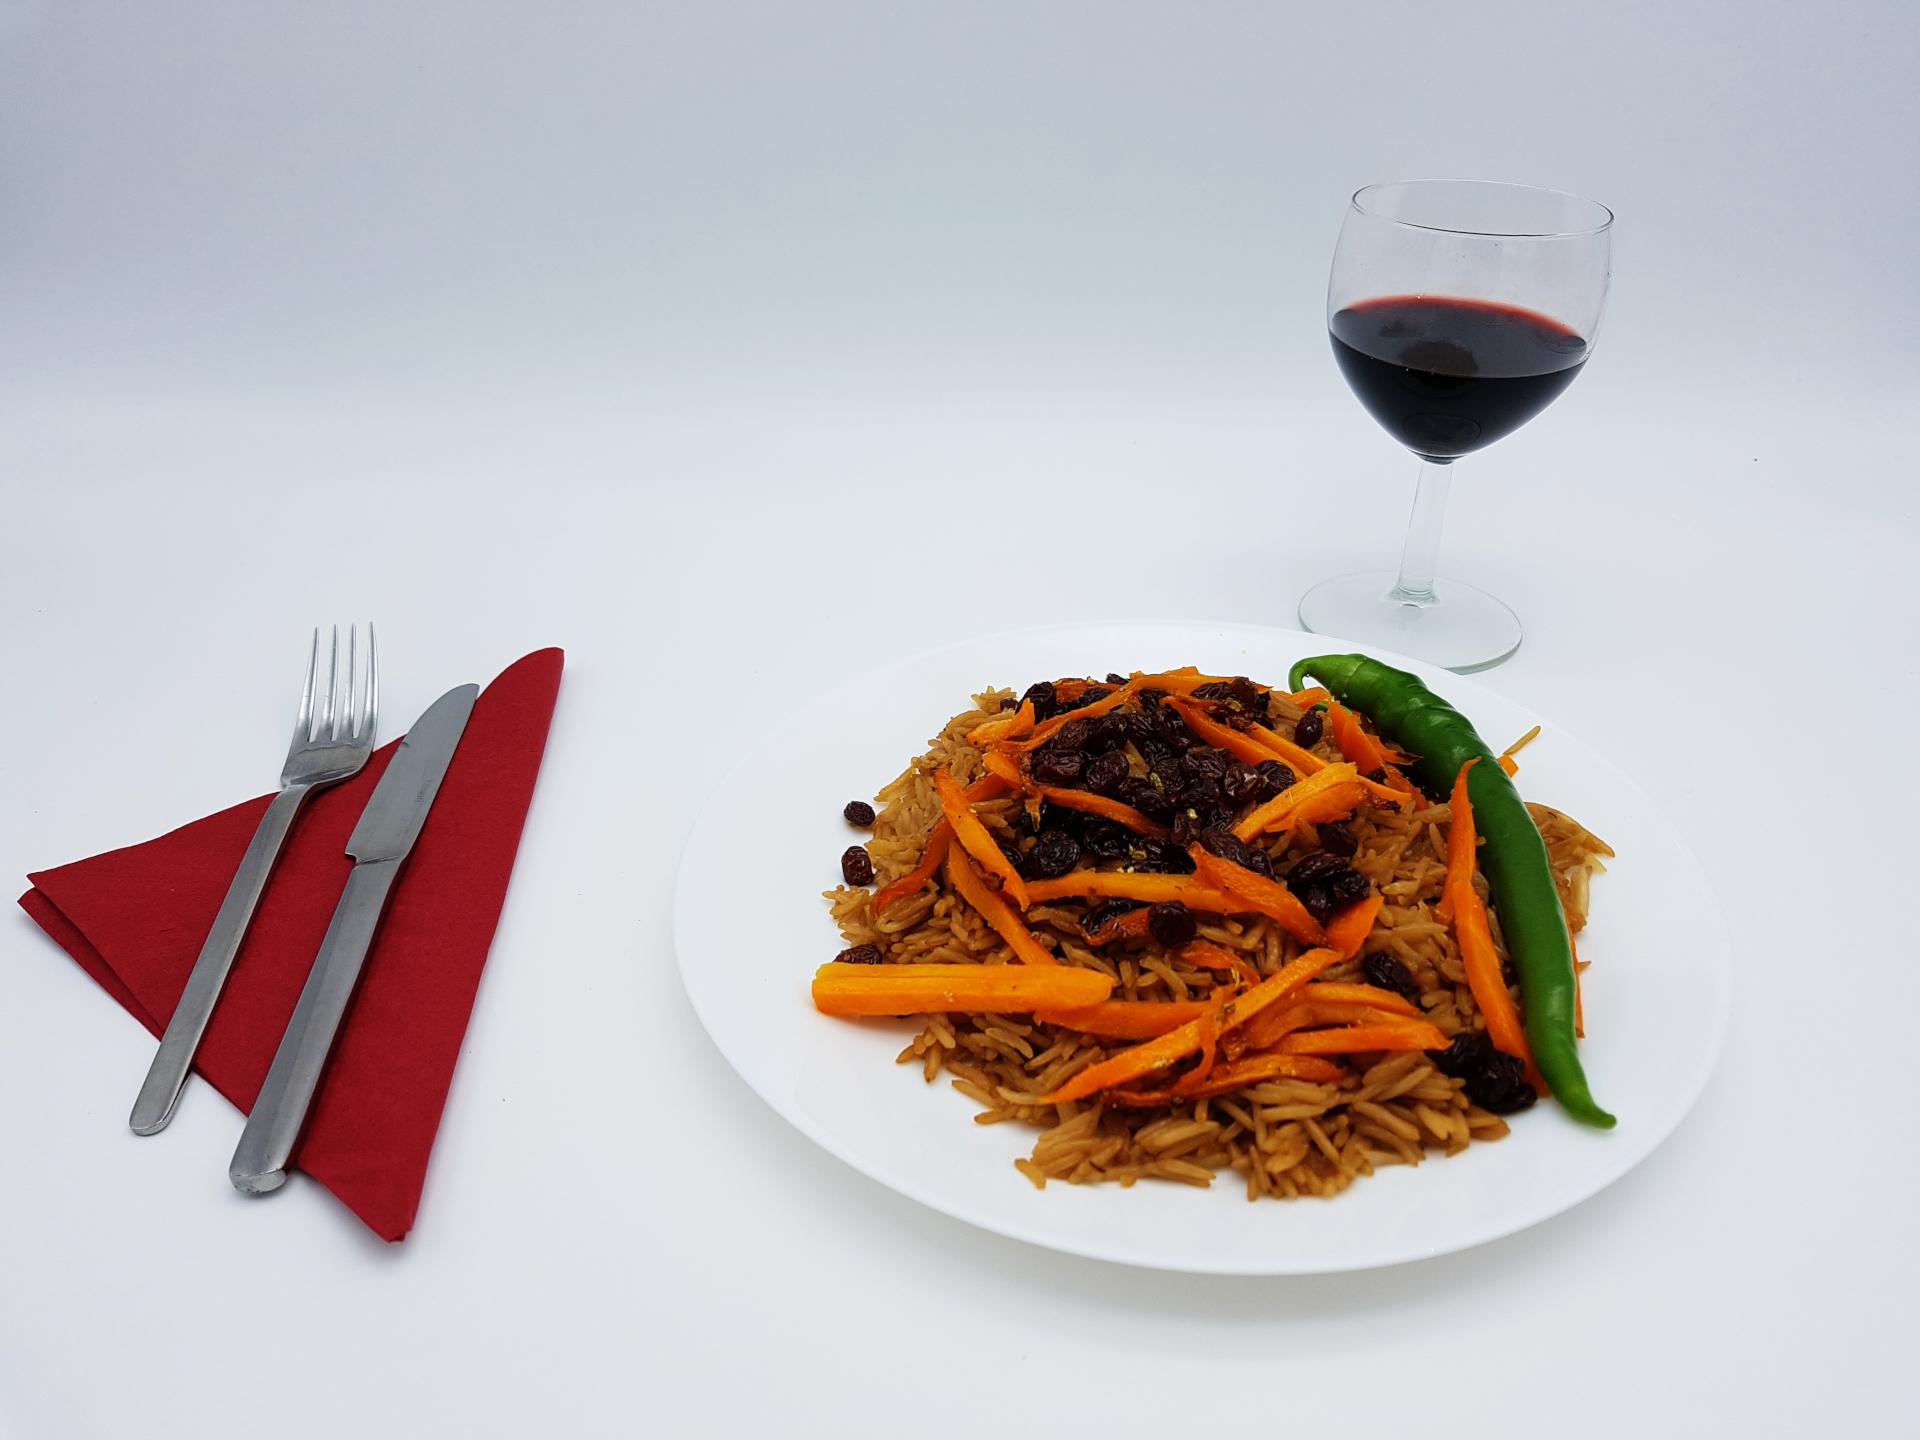 Leckerer brauner Basmatireis mit Karotten und Rosinen im Restaurant Kabul in Wuppertal.